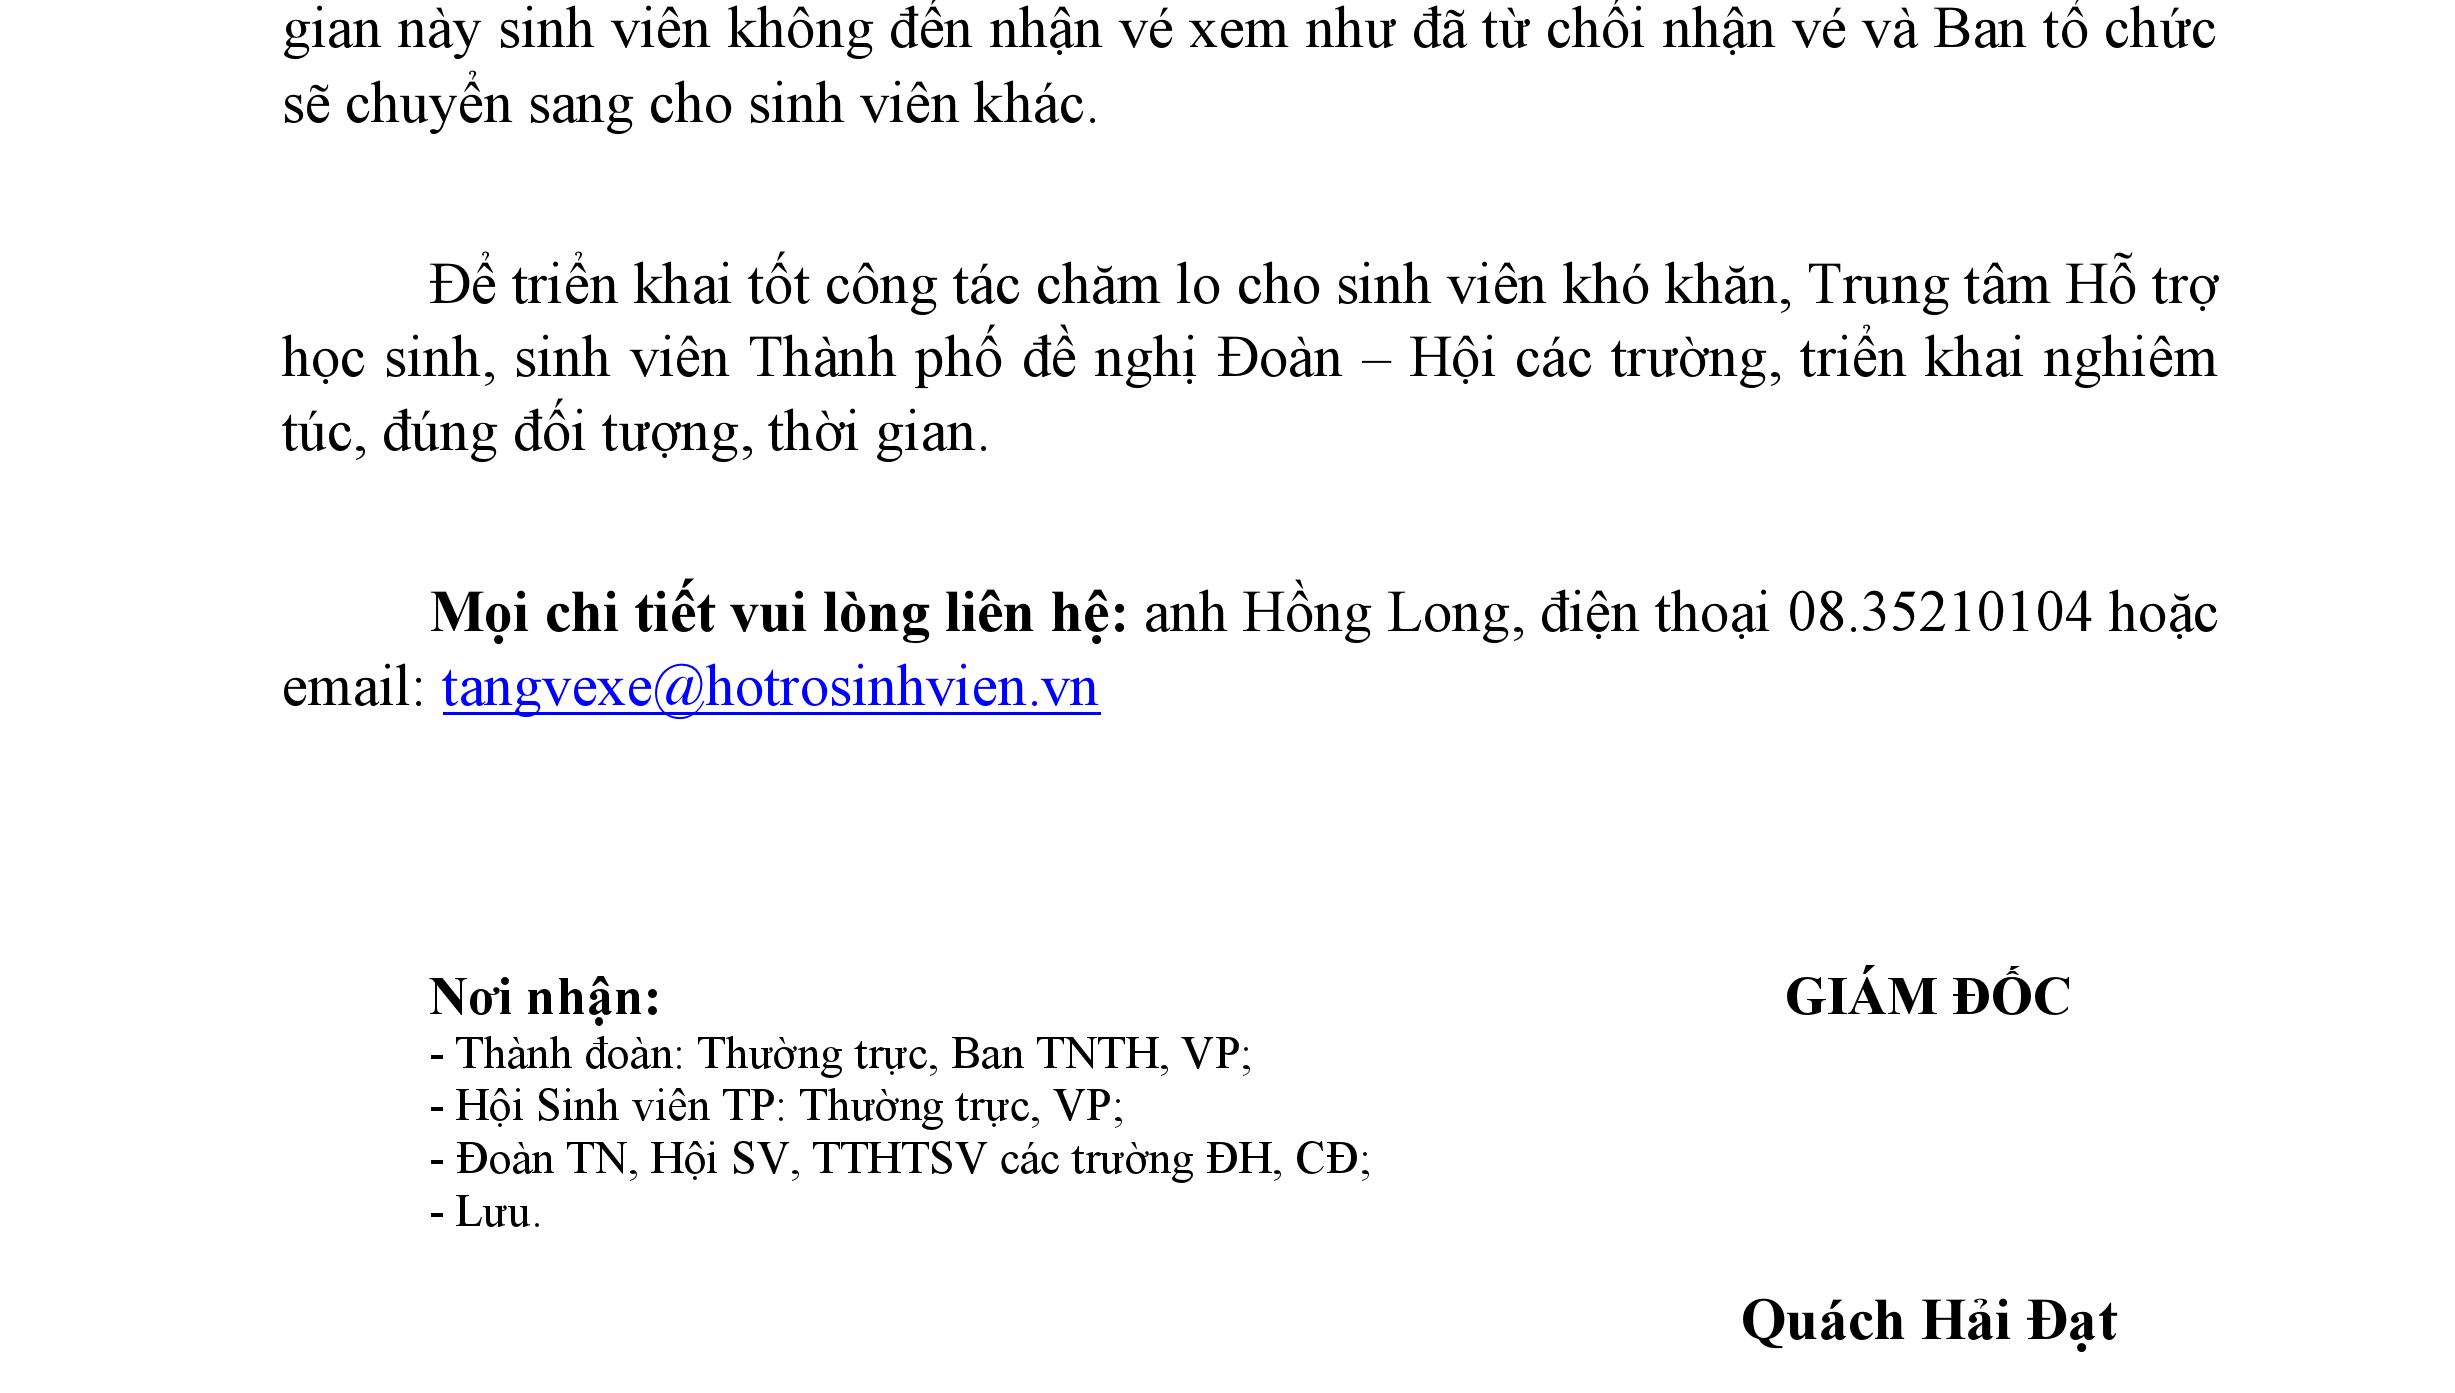 0-tb-tang-ve-xe-cho-sinh-vien-kho-khan-20170003